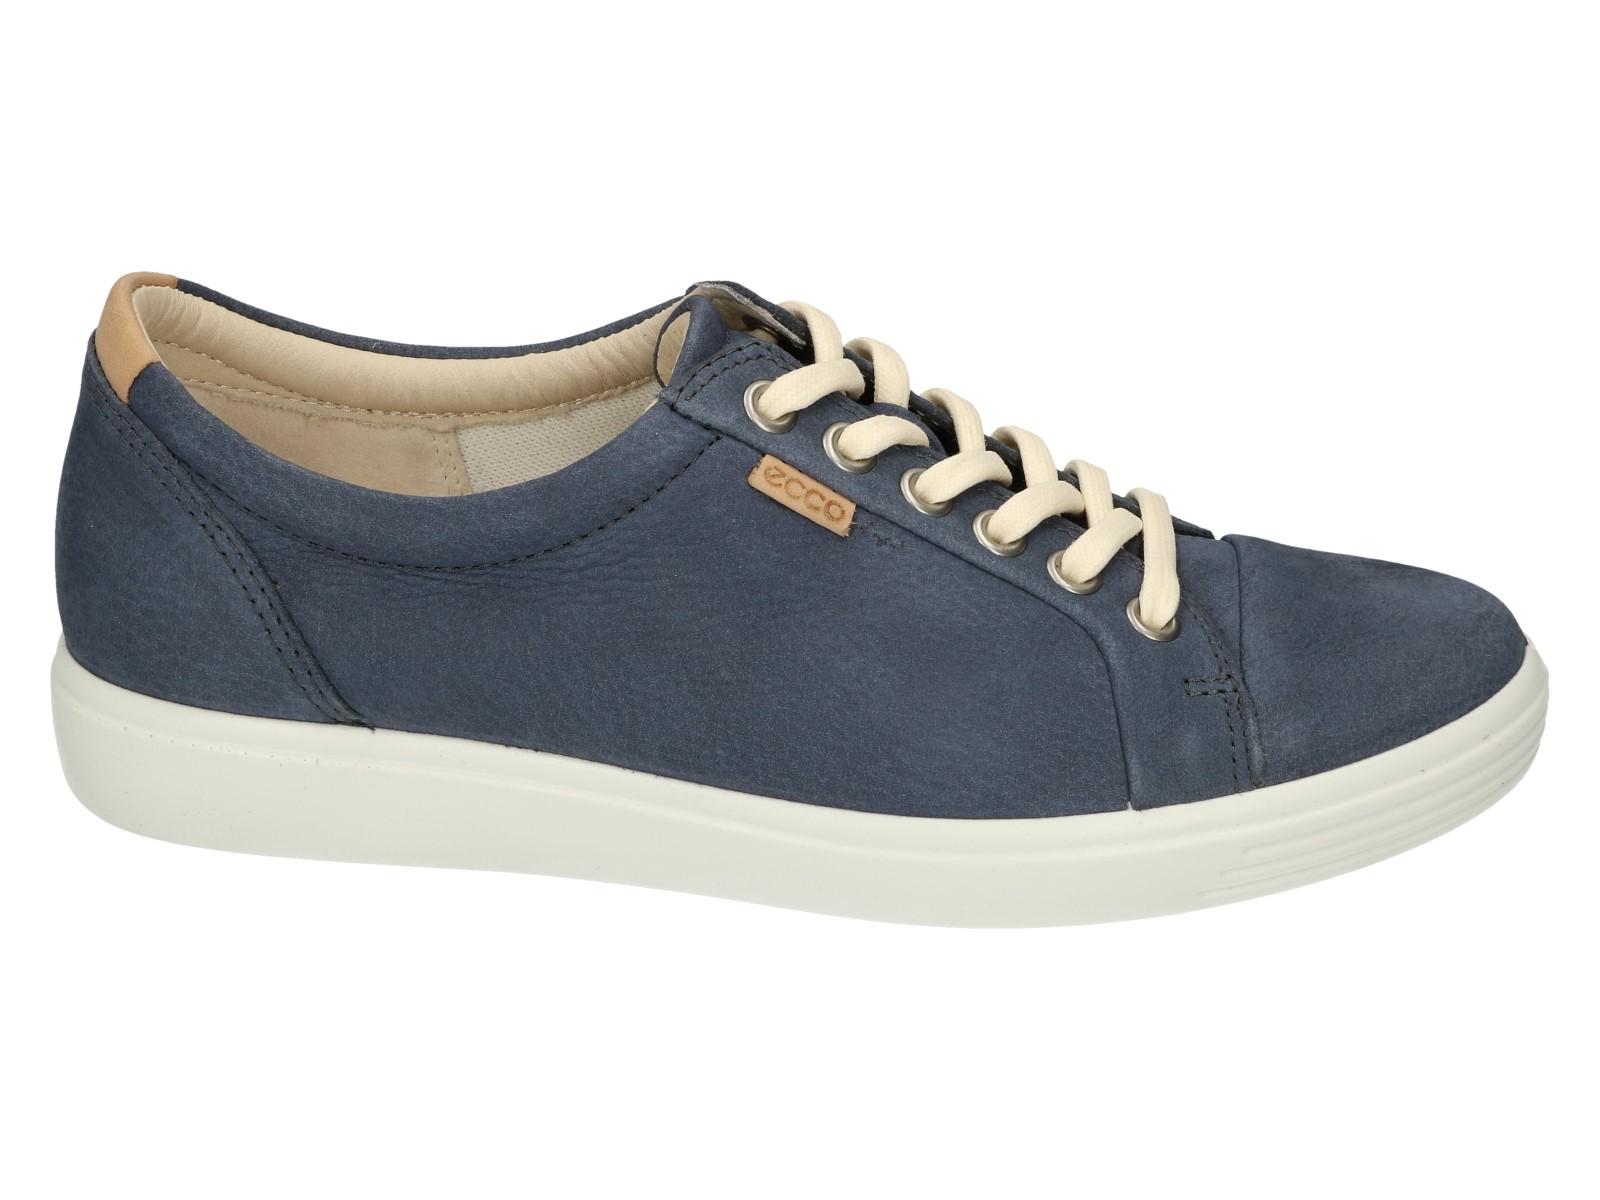 schoenen mertens online